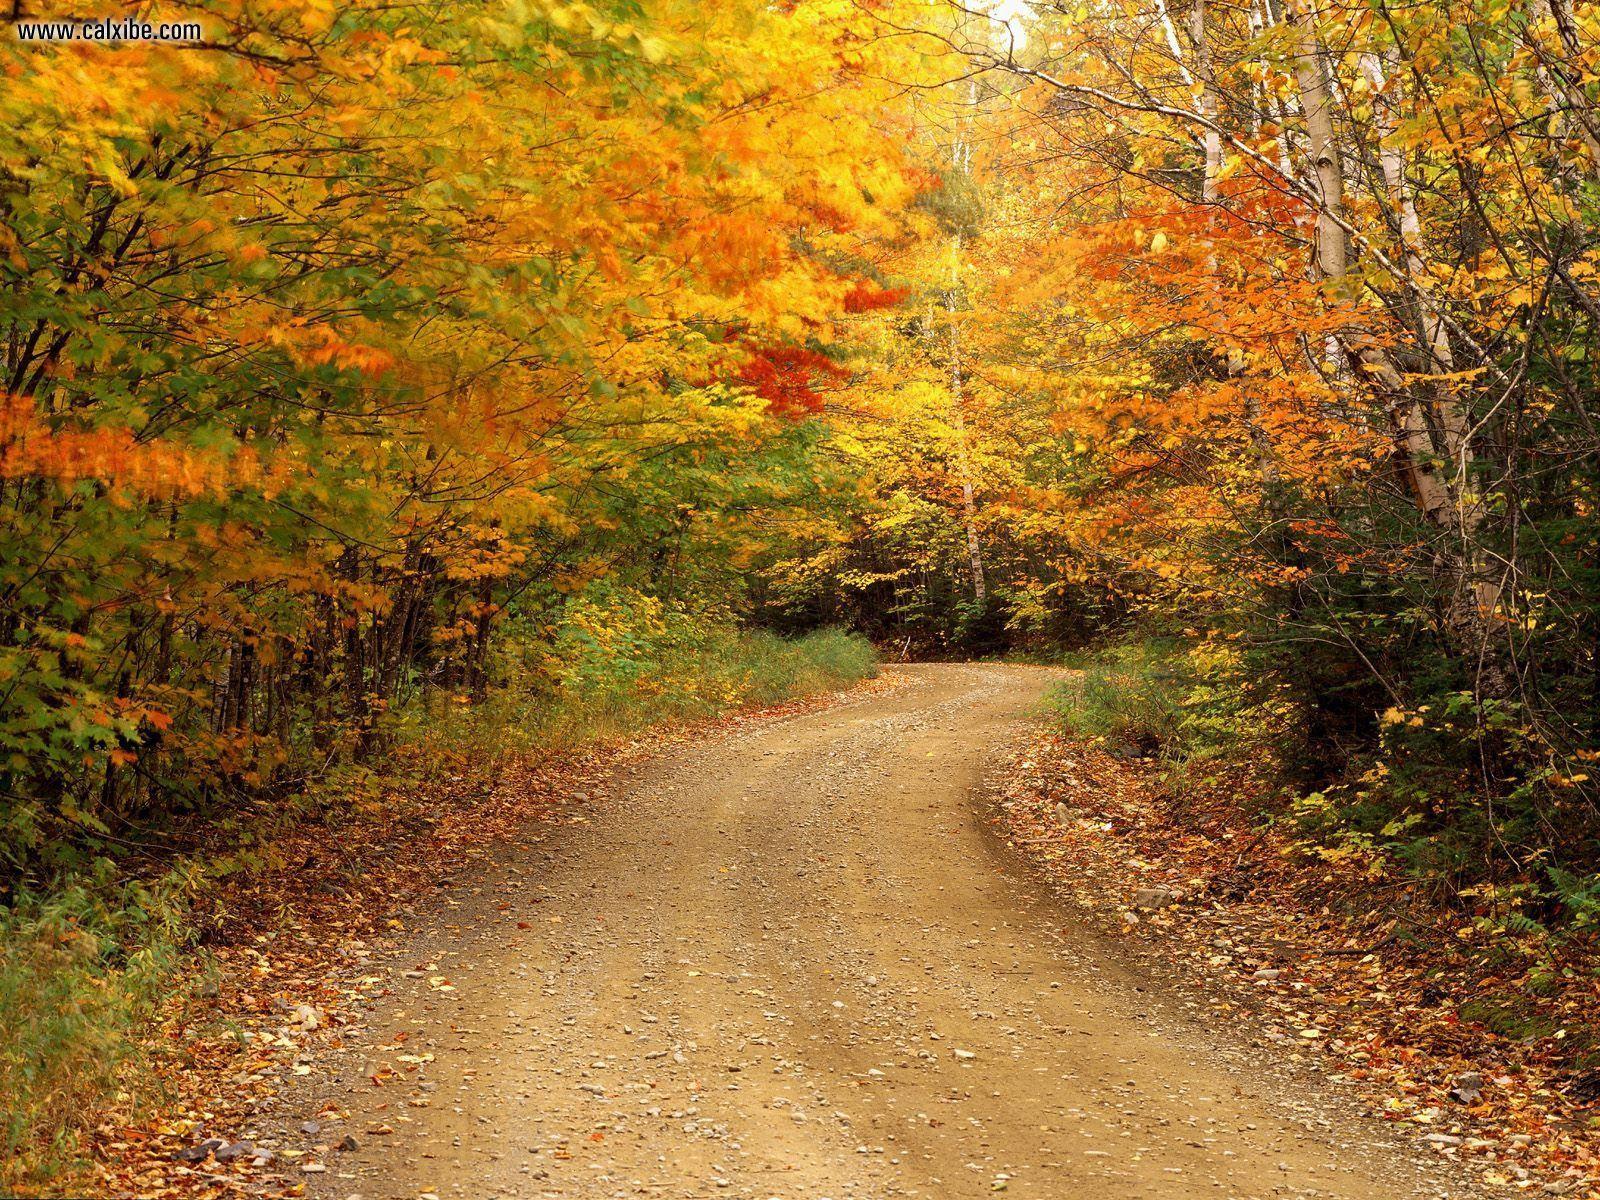 Скачать обои лес золотой осенью 1600x1200